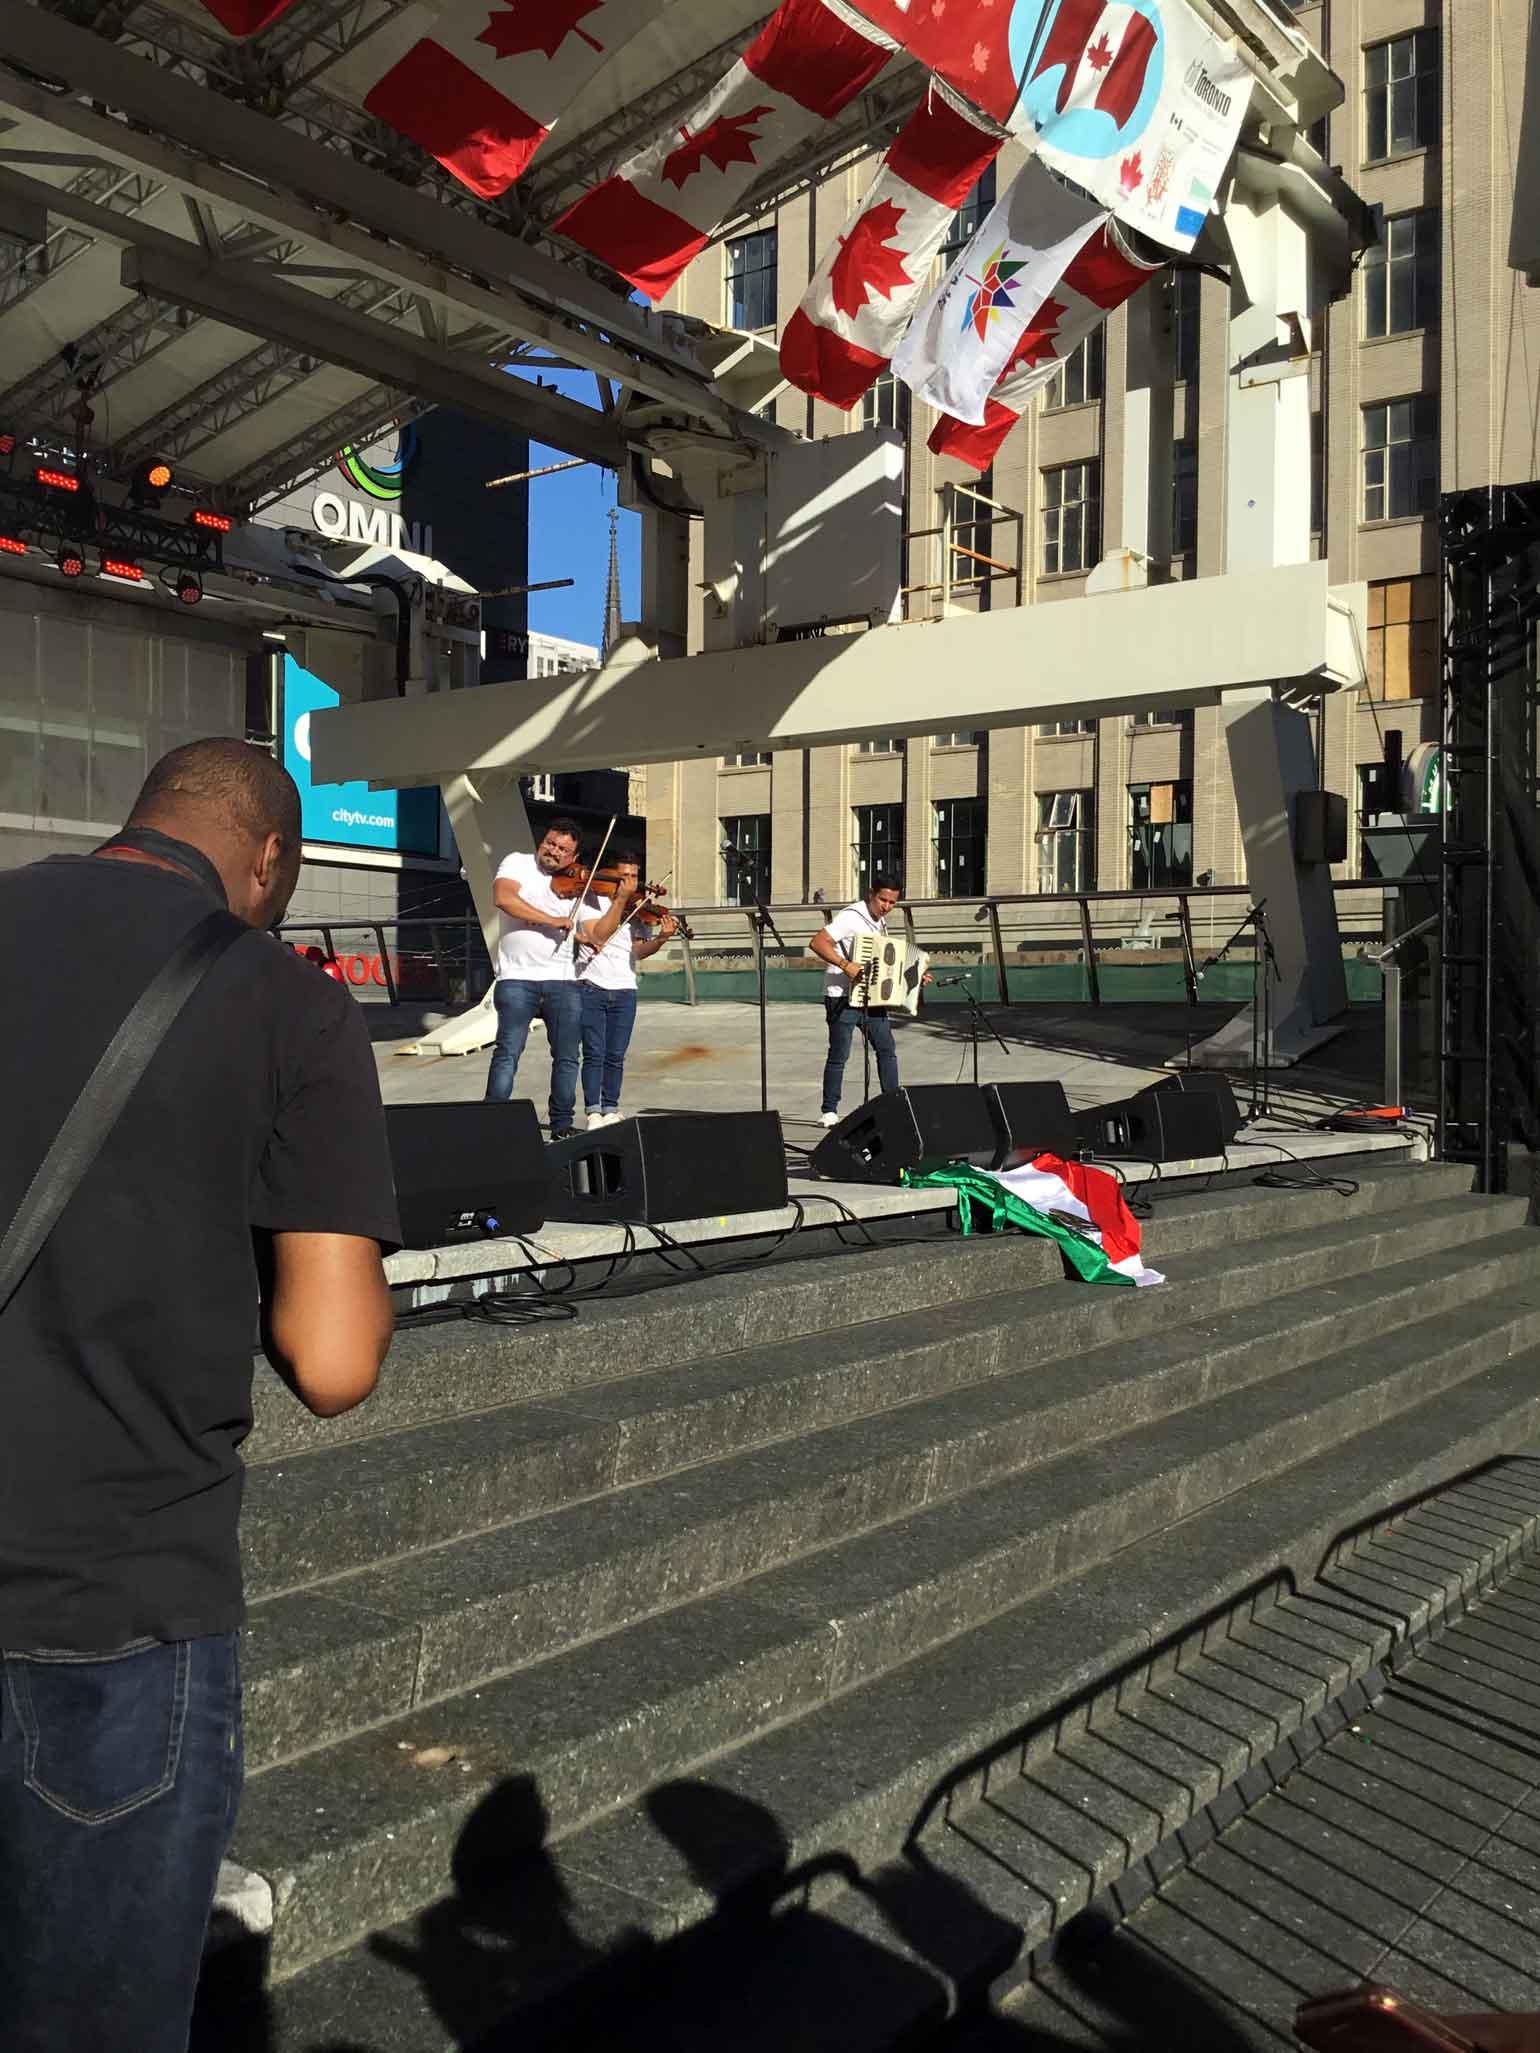 メキシコから来たヴァイオリニスト。メキシコ国旗を以てカナダを祝う。